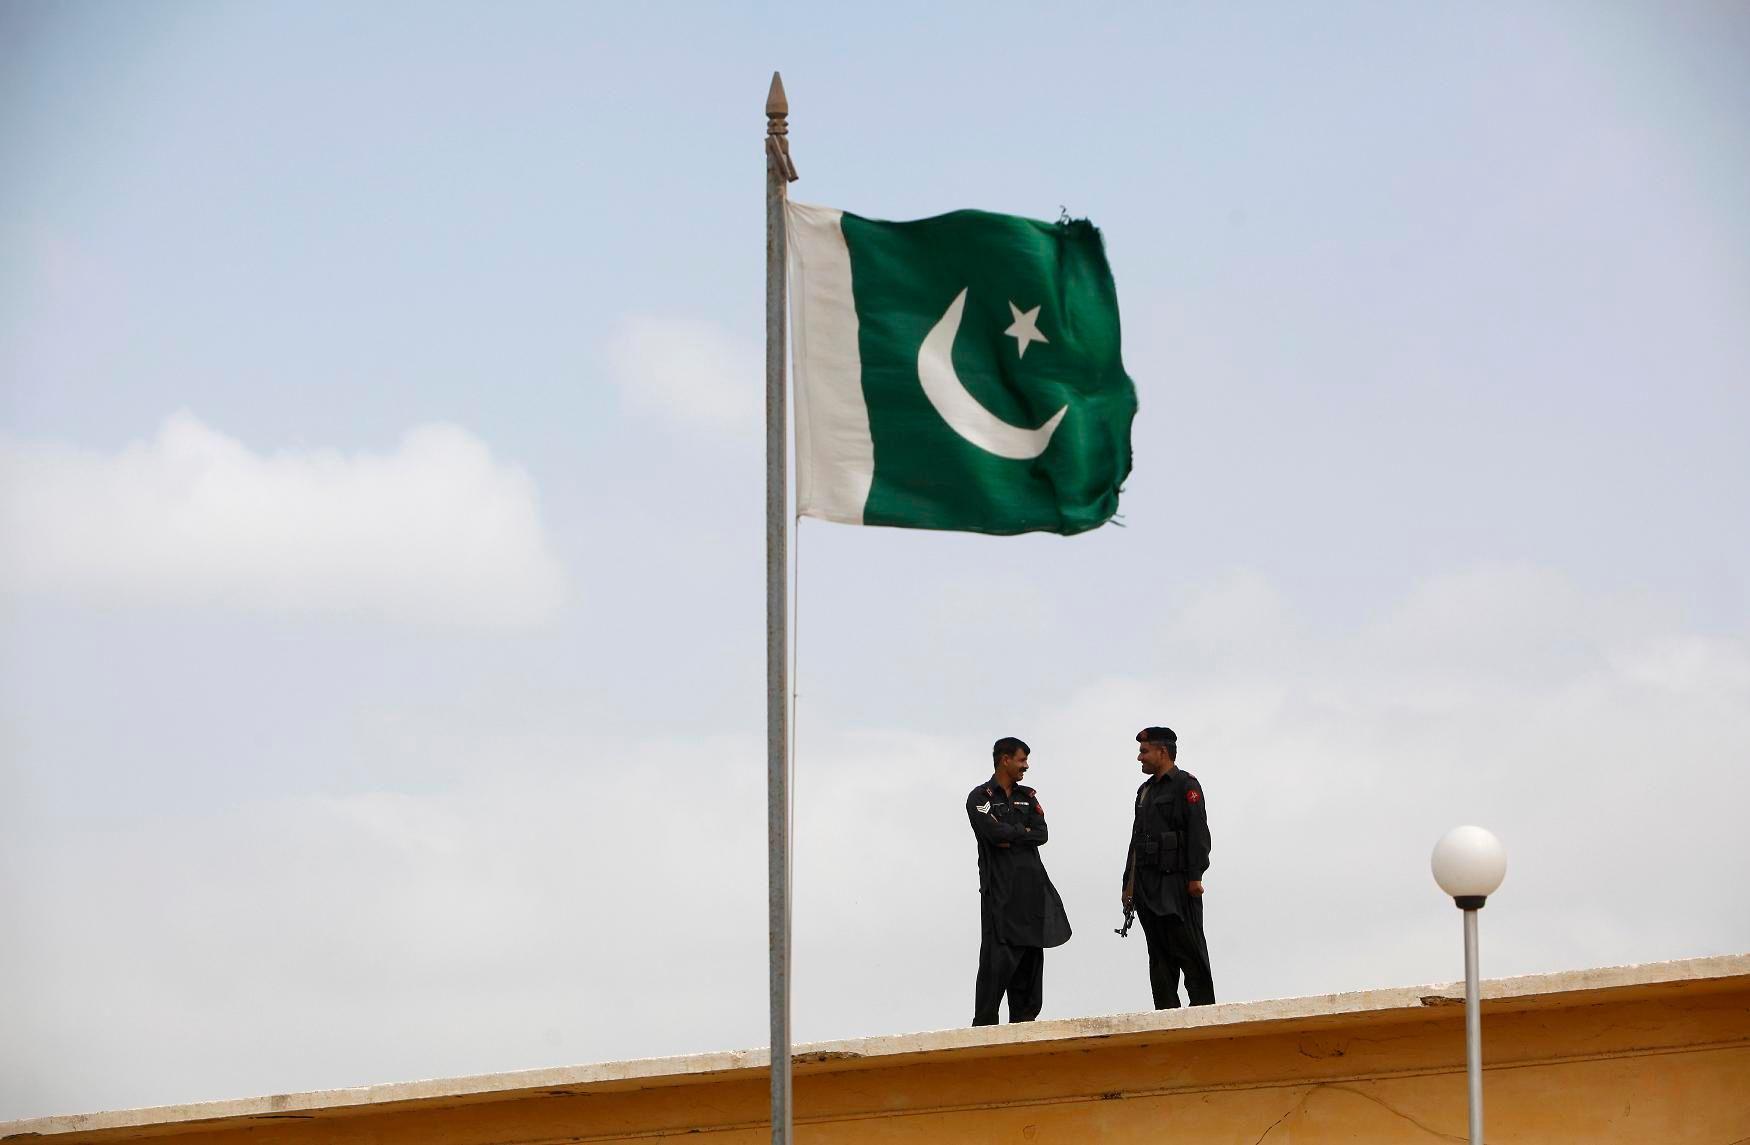 Les intérêts du Pakistan ne sont pas toujours les mêmes que ceux des occidentaux.